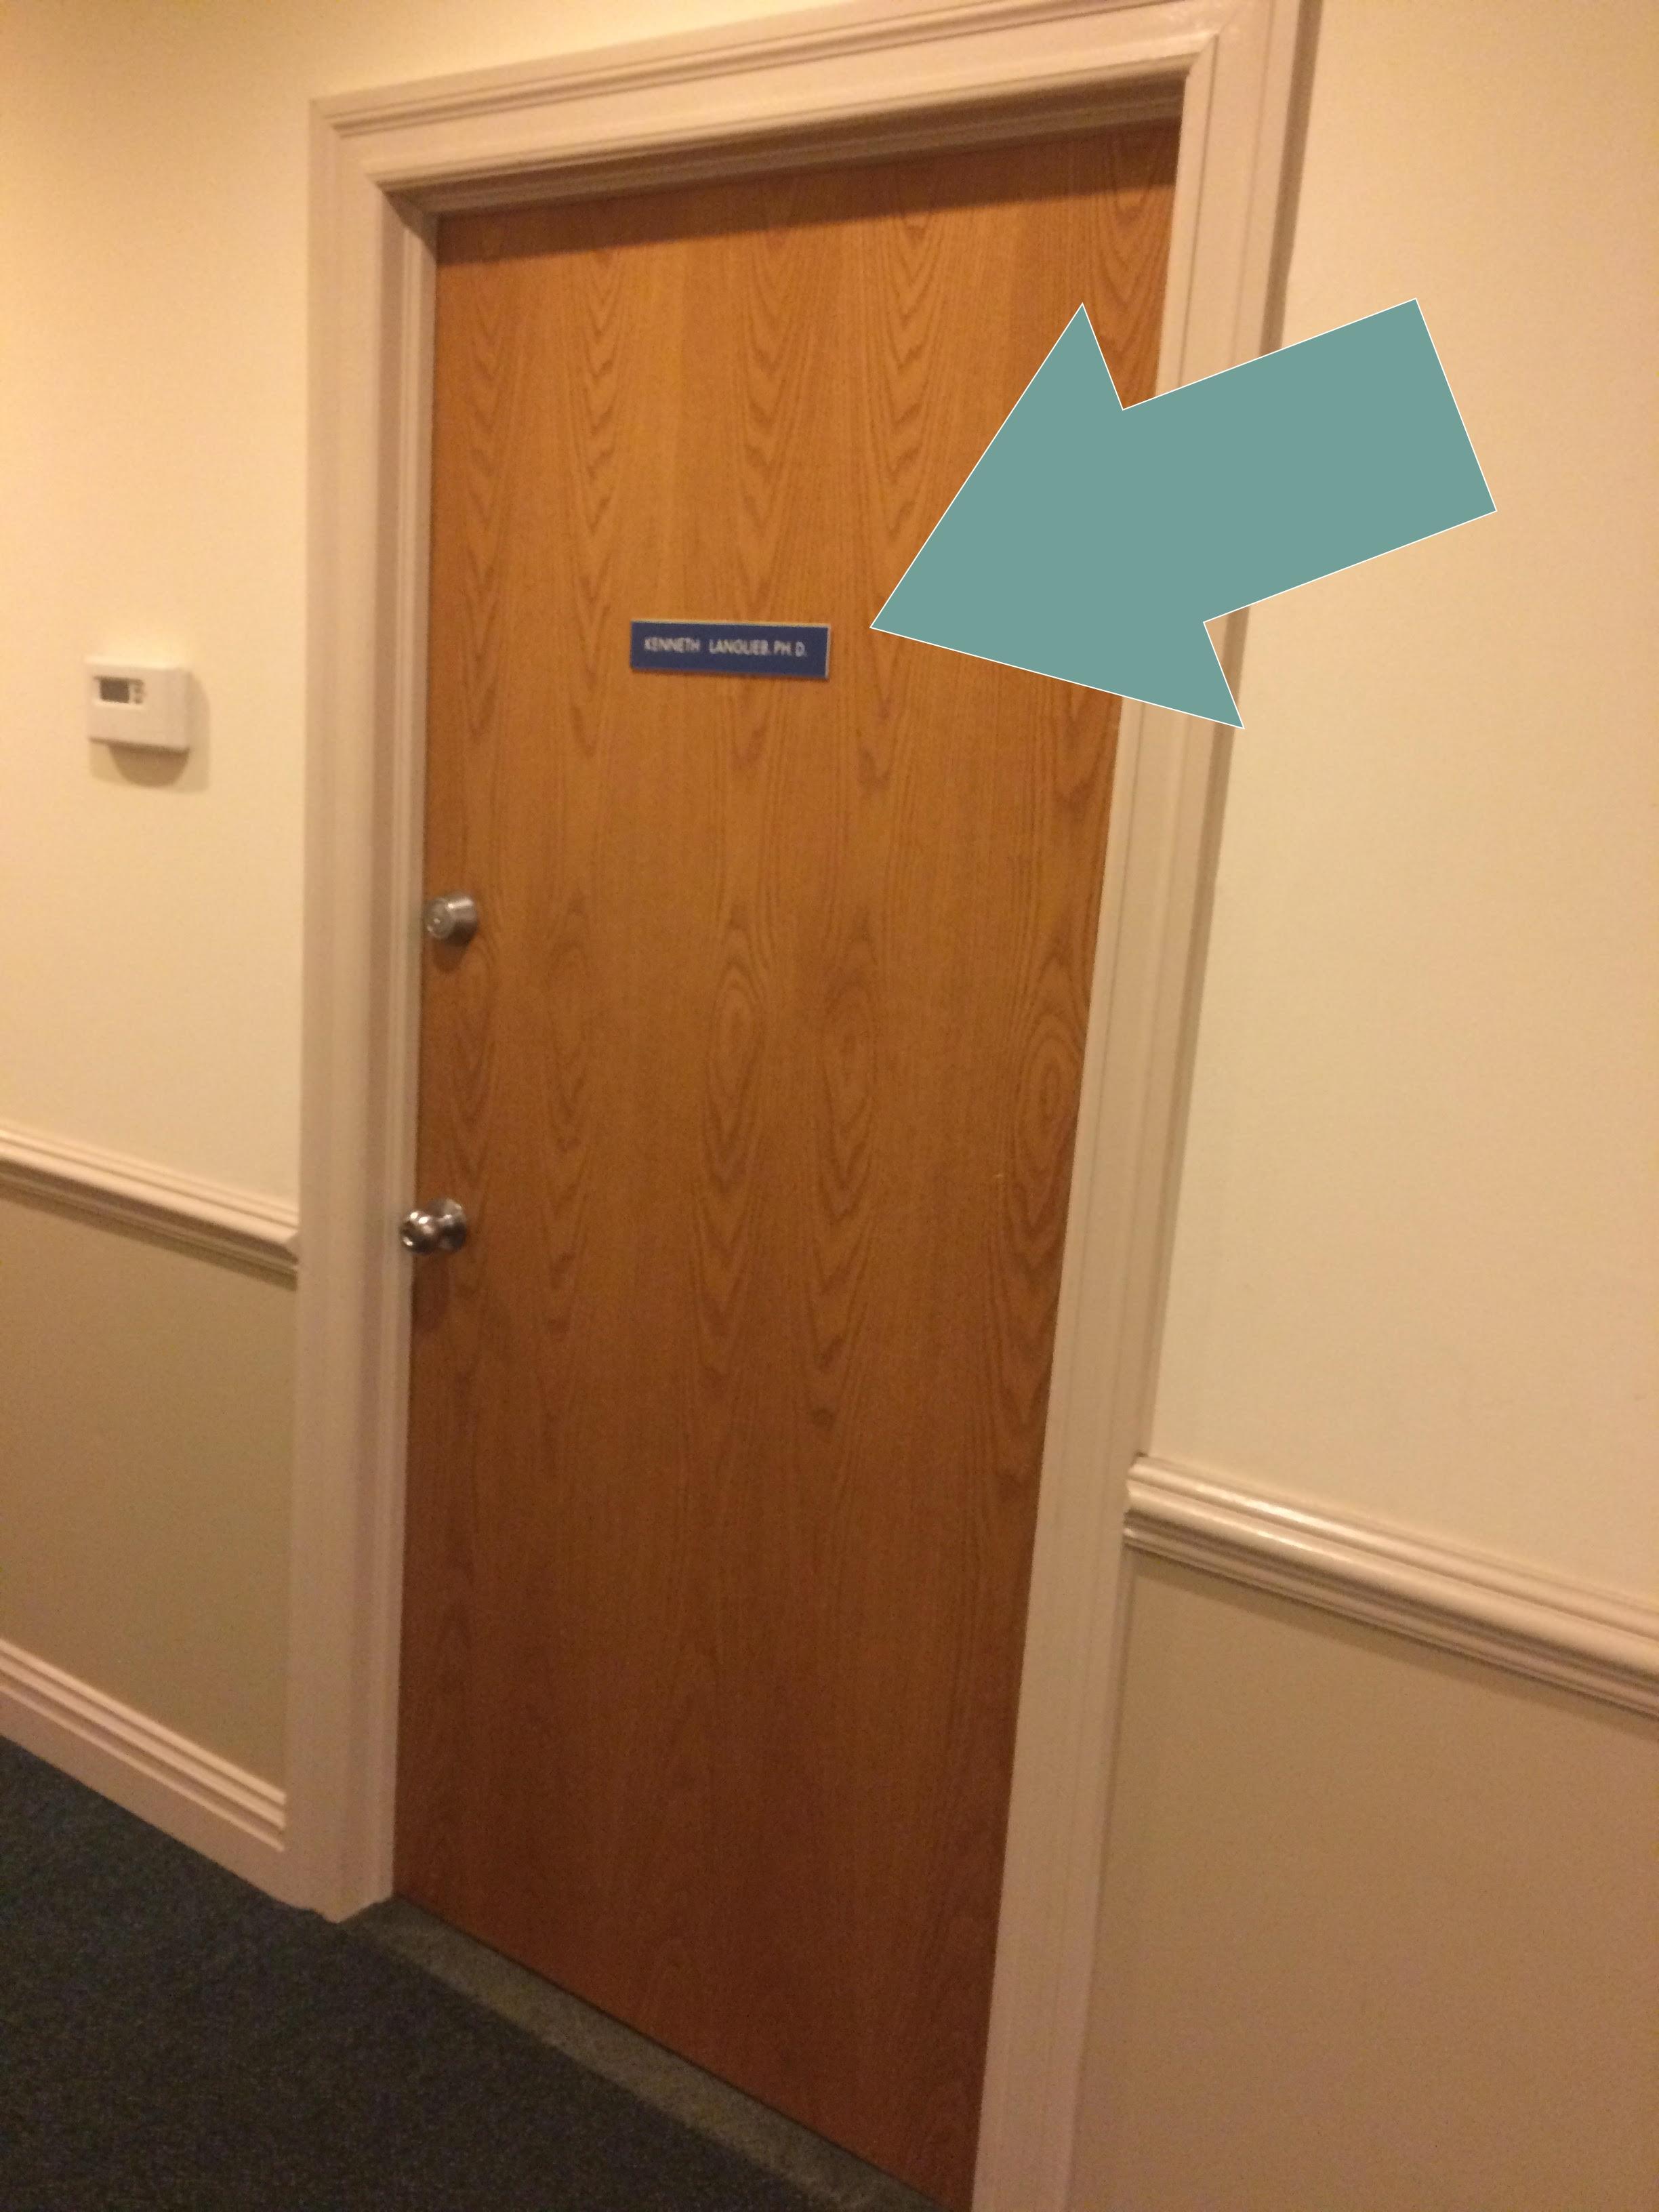 Emily_Austein_Psychotherapy_Entrance_Door.jpg